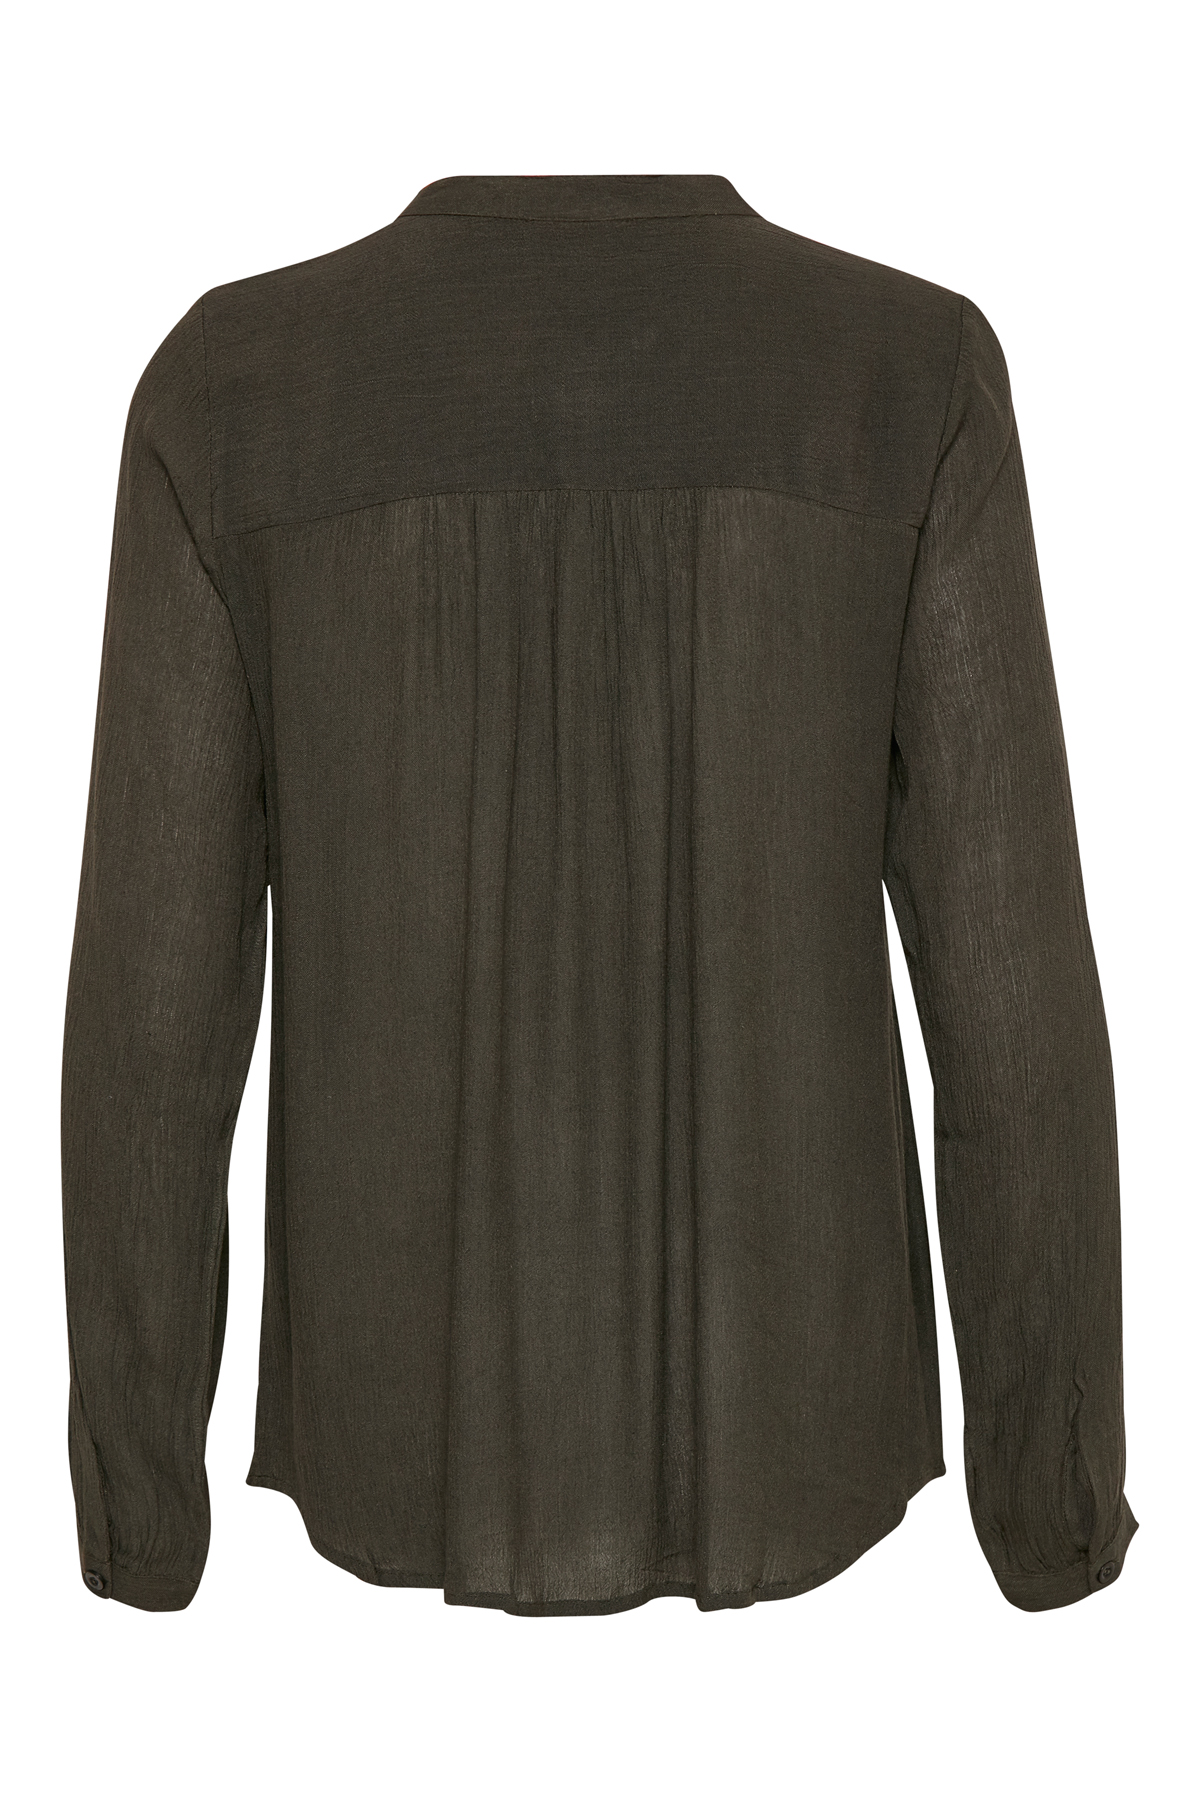 Brændt grøn Langærmet bluse fra Kaffe – Køb Brændt grøn Langærmet bluse fra str. 34-46 her